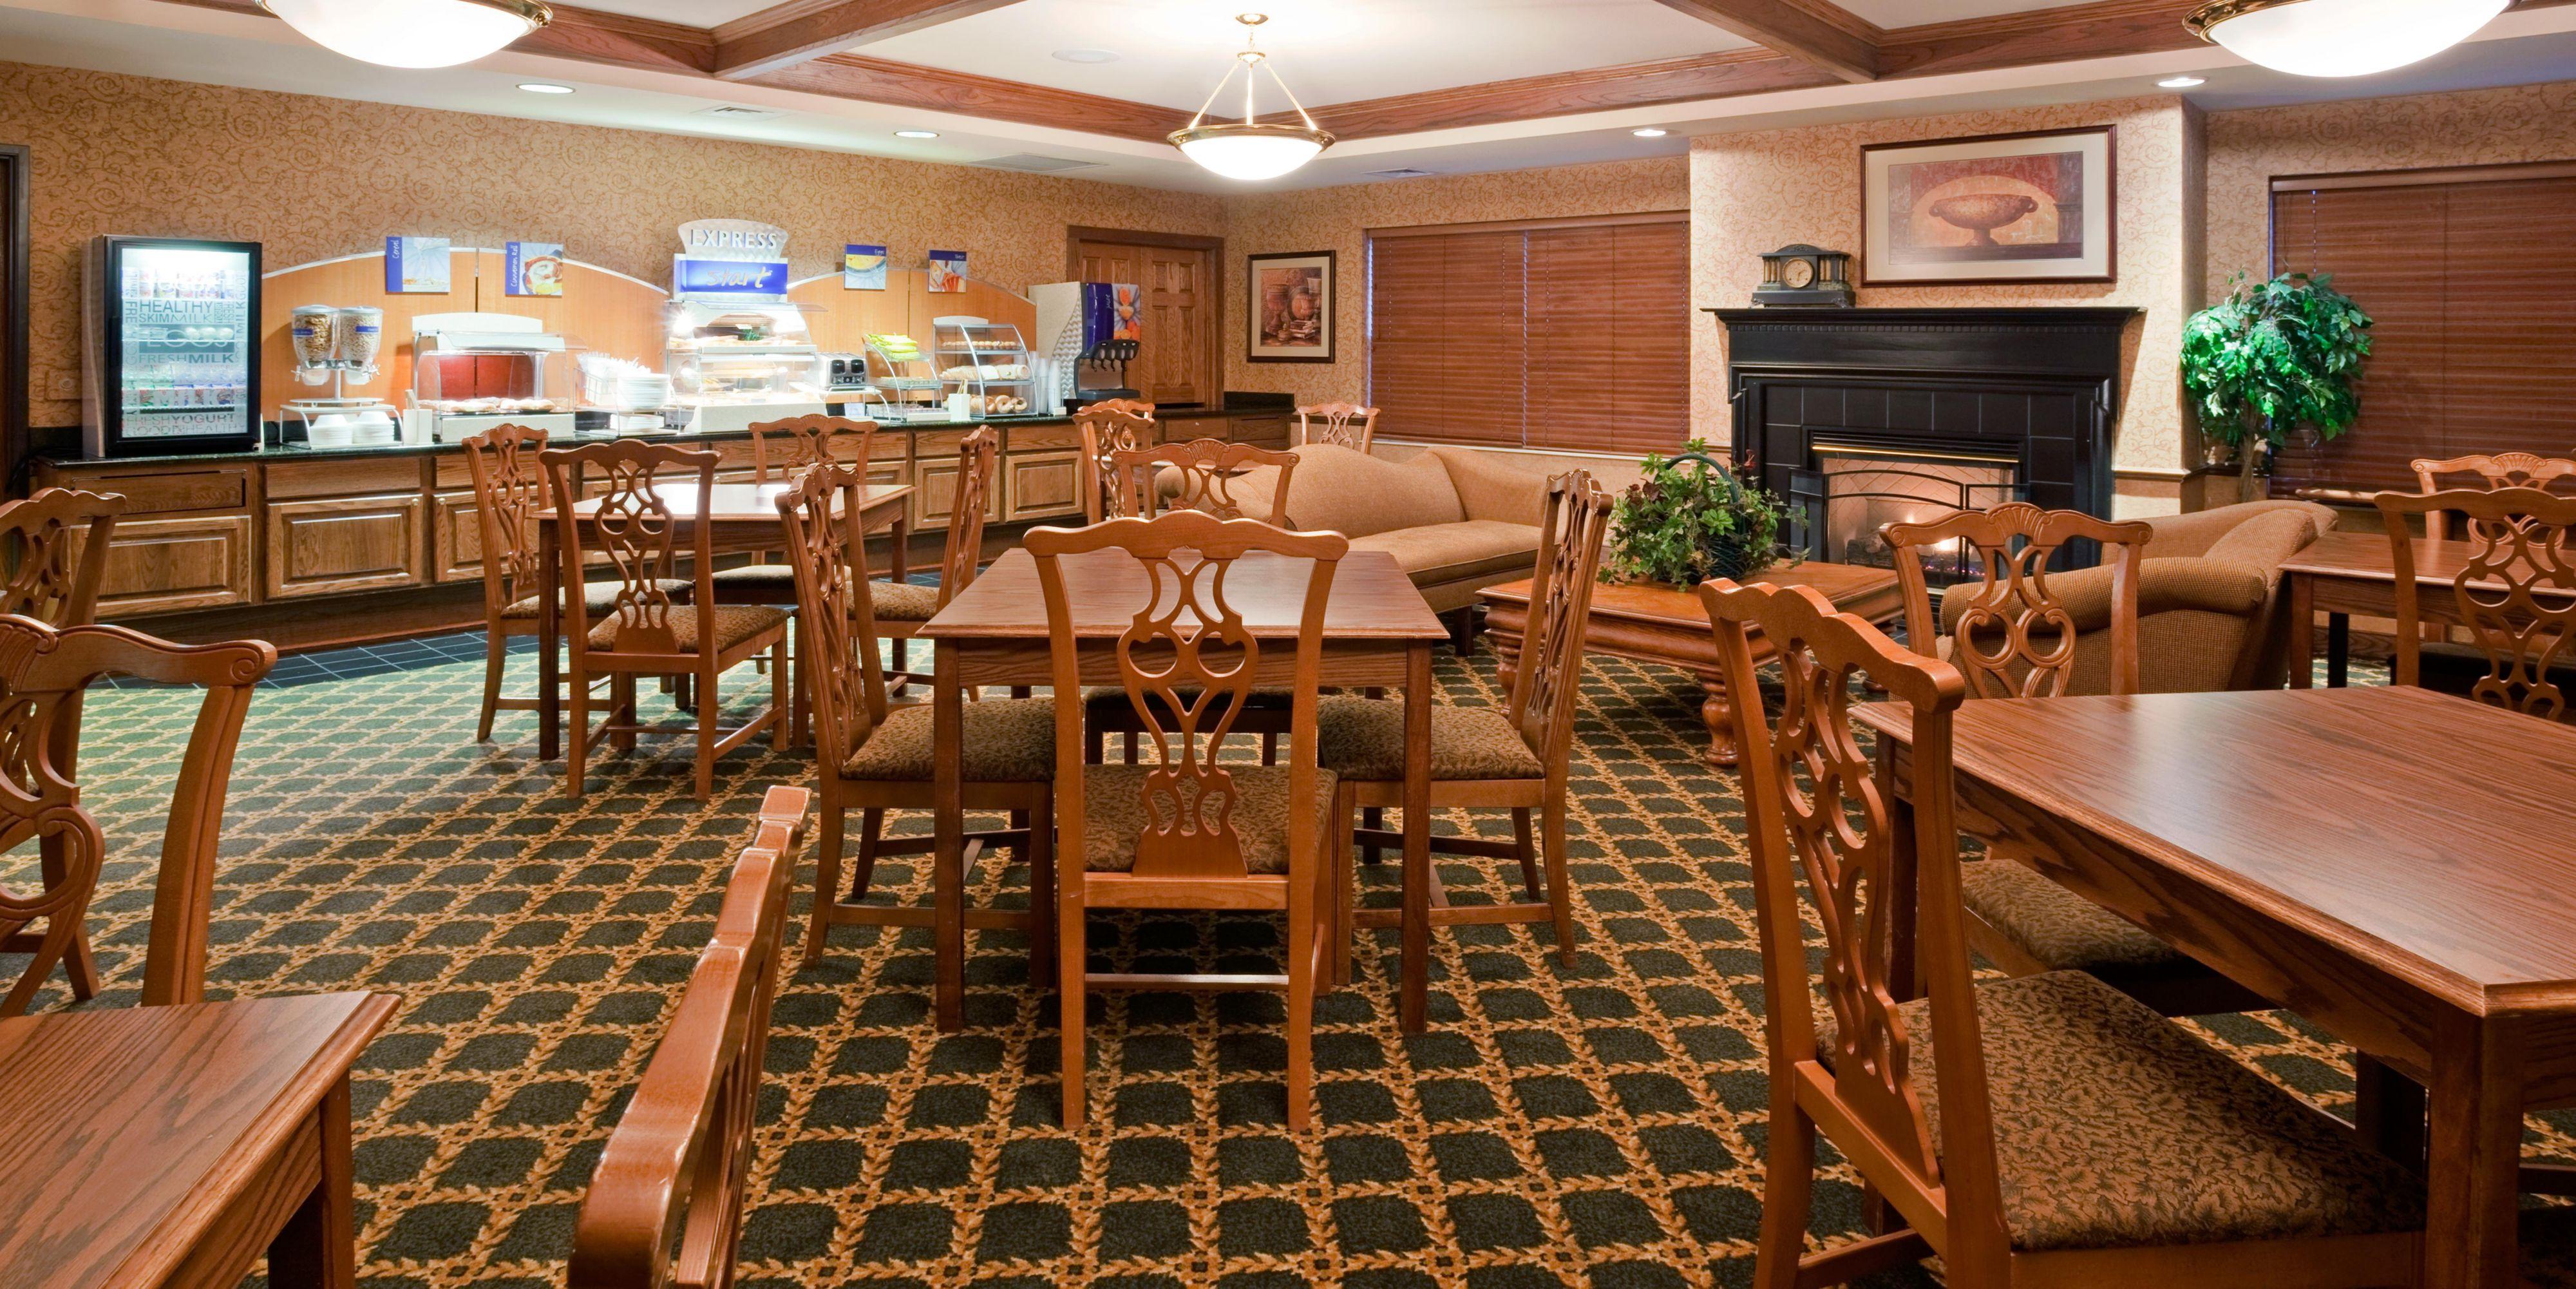 Holiday Inn Express & Suites Oshkosh-Sr 41 Hotel in Oshkosh by IHG